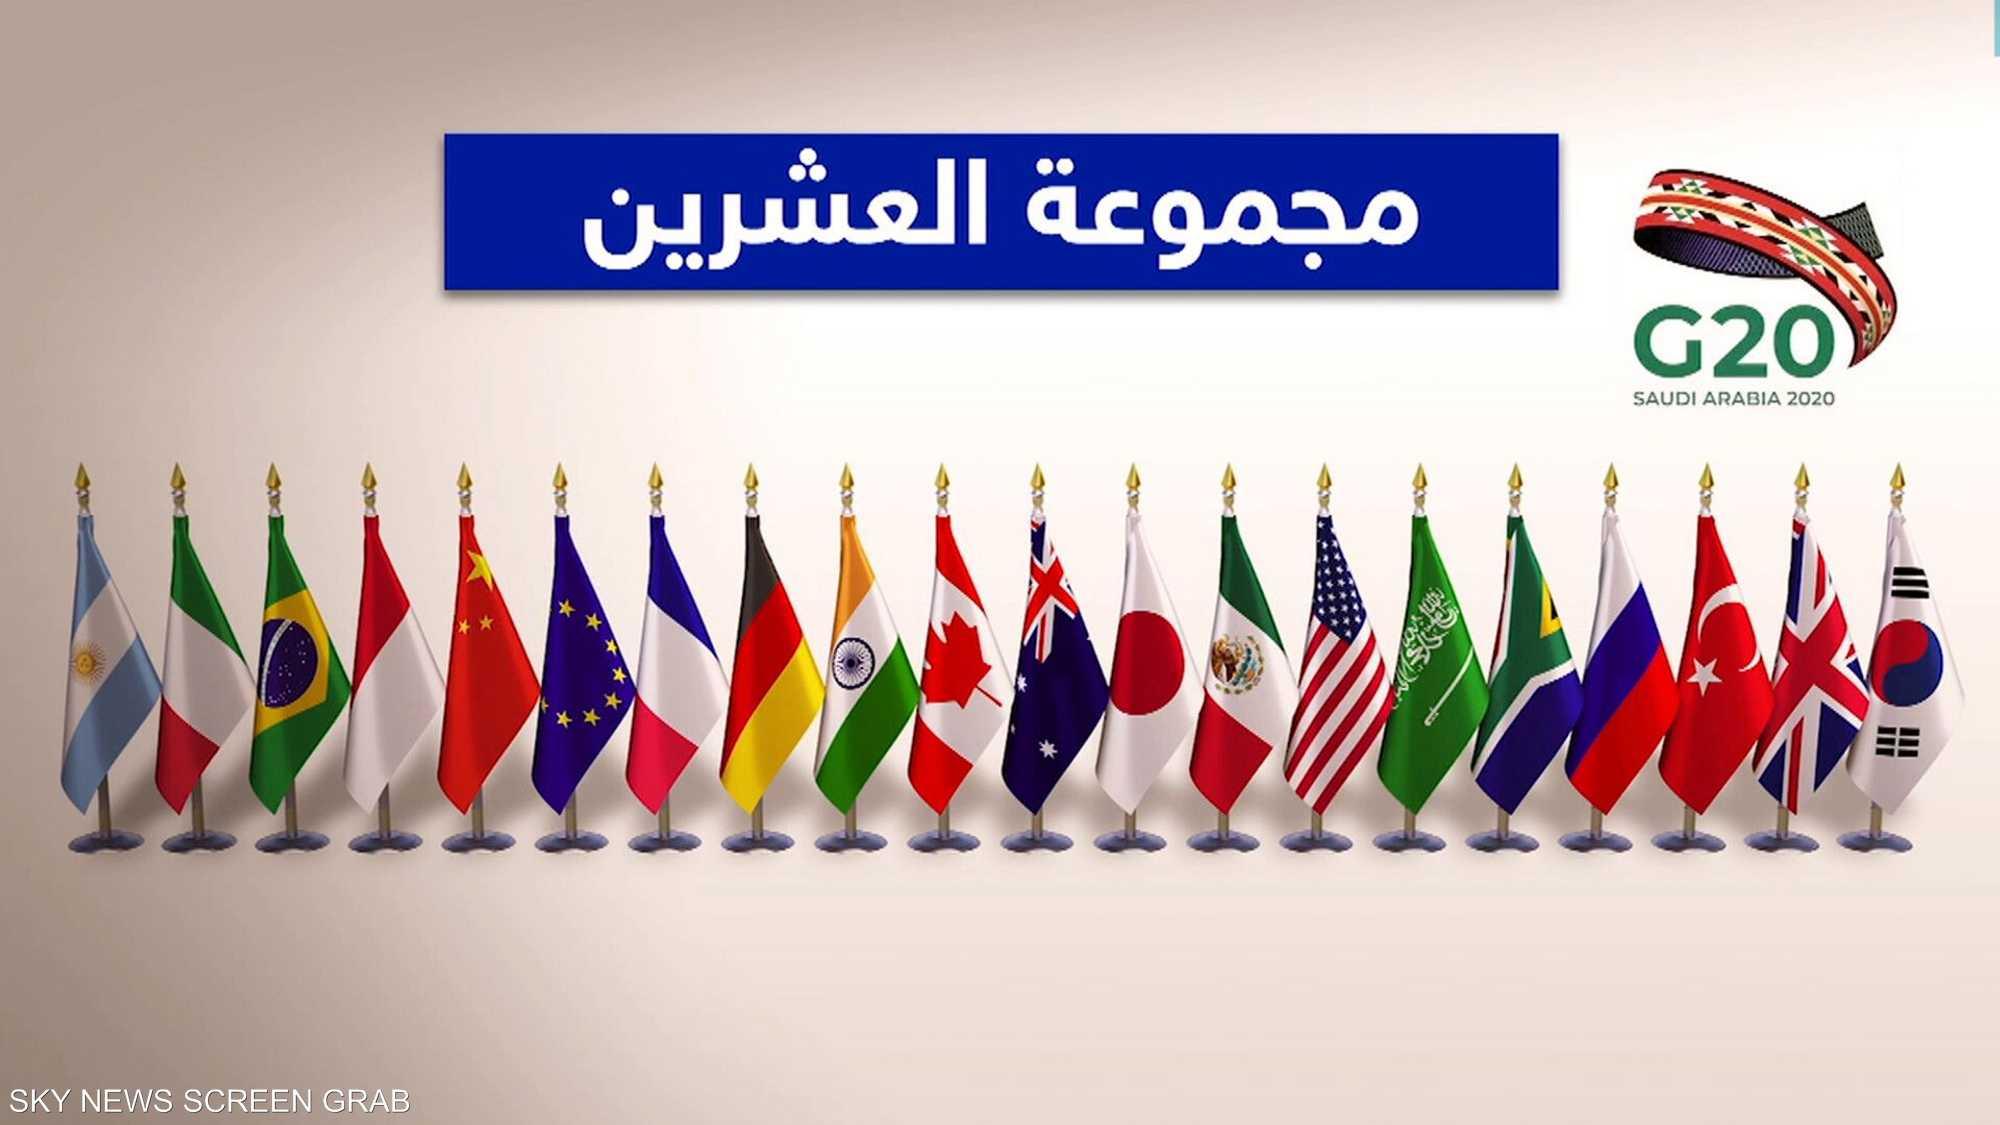 العاهل السعودي: القمة تلبية لمسؤولية اعضائها تجاه كورونا